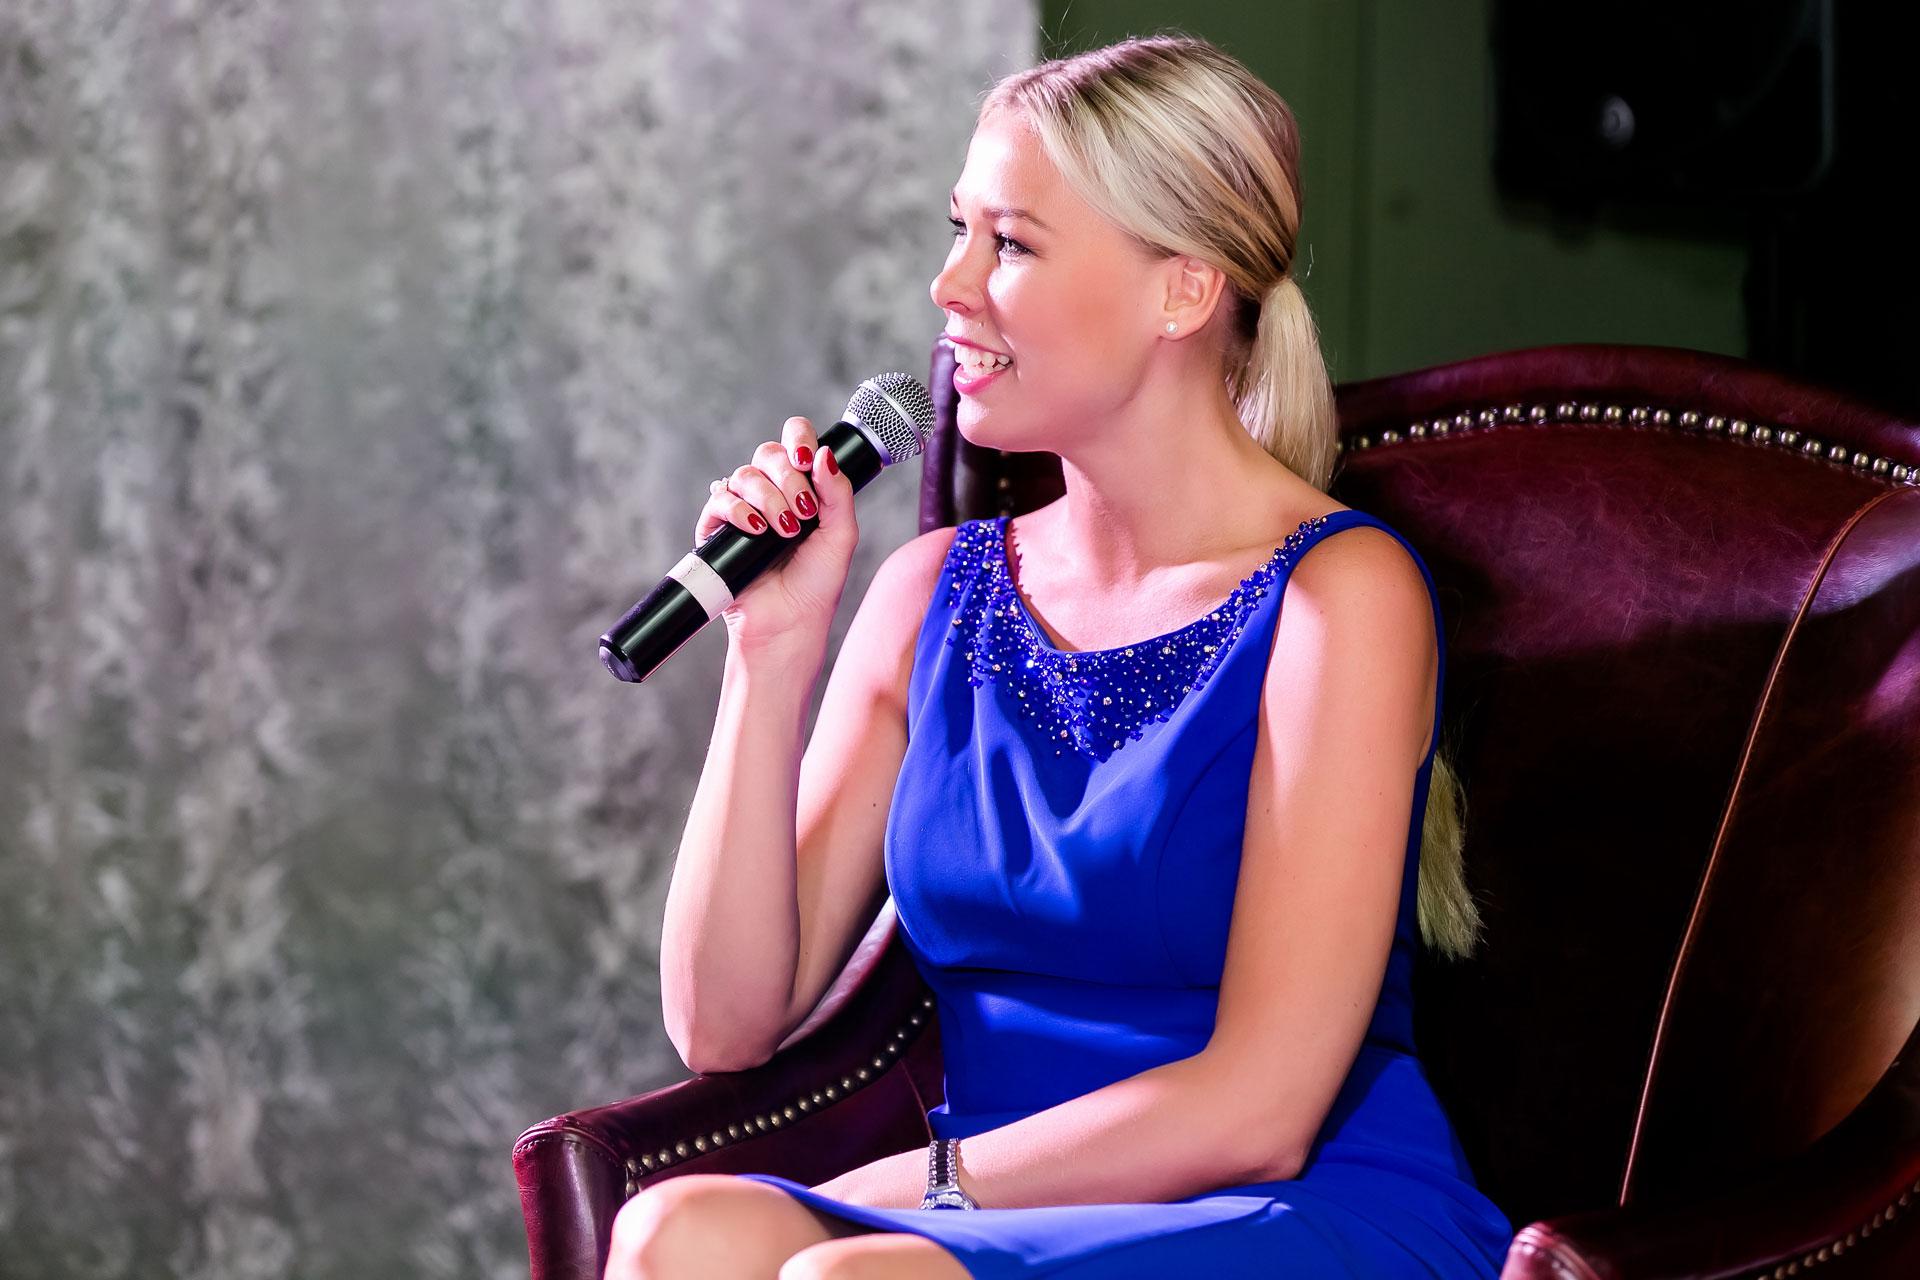 Wedding-Consult интервью с Ксенией Афанасьевой фото 5